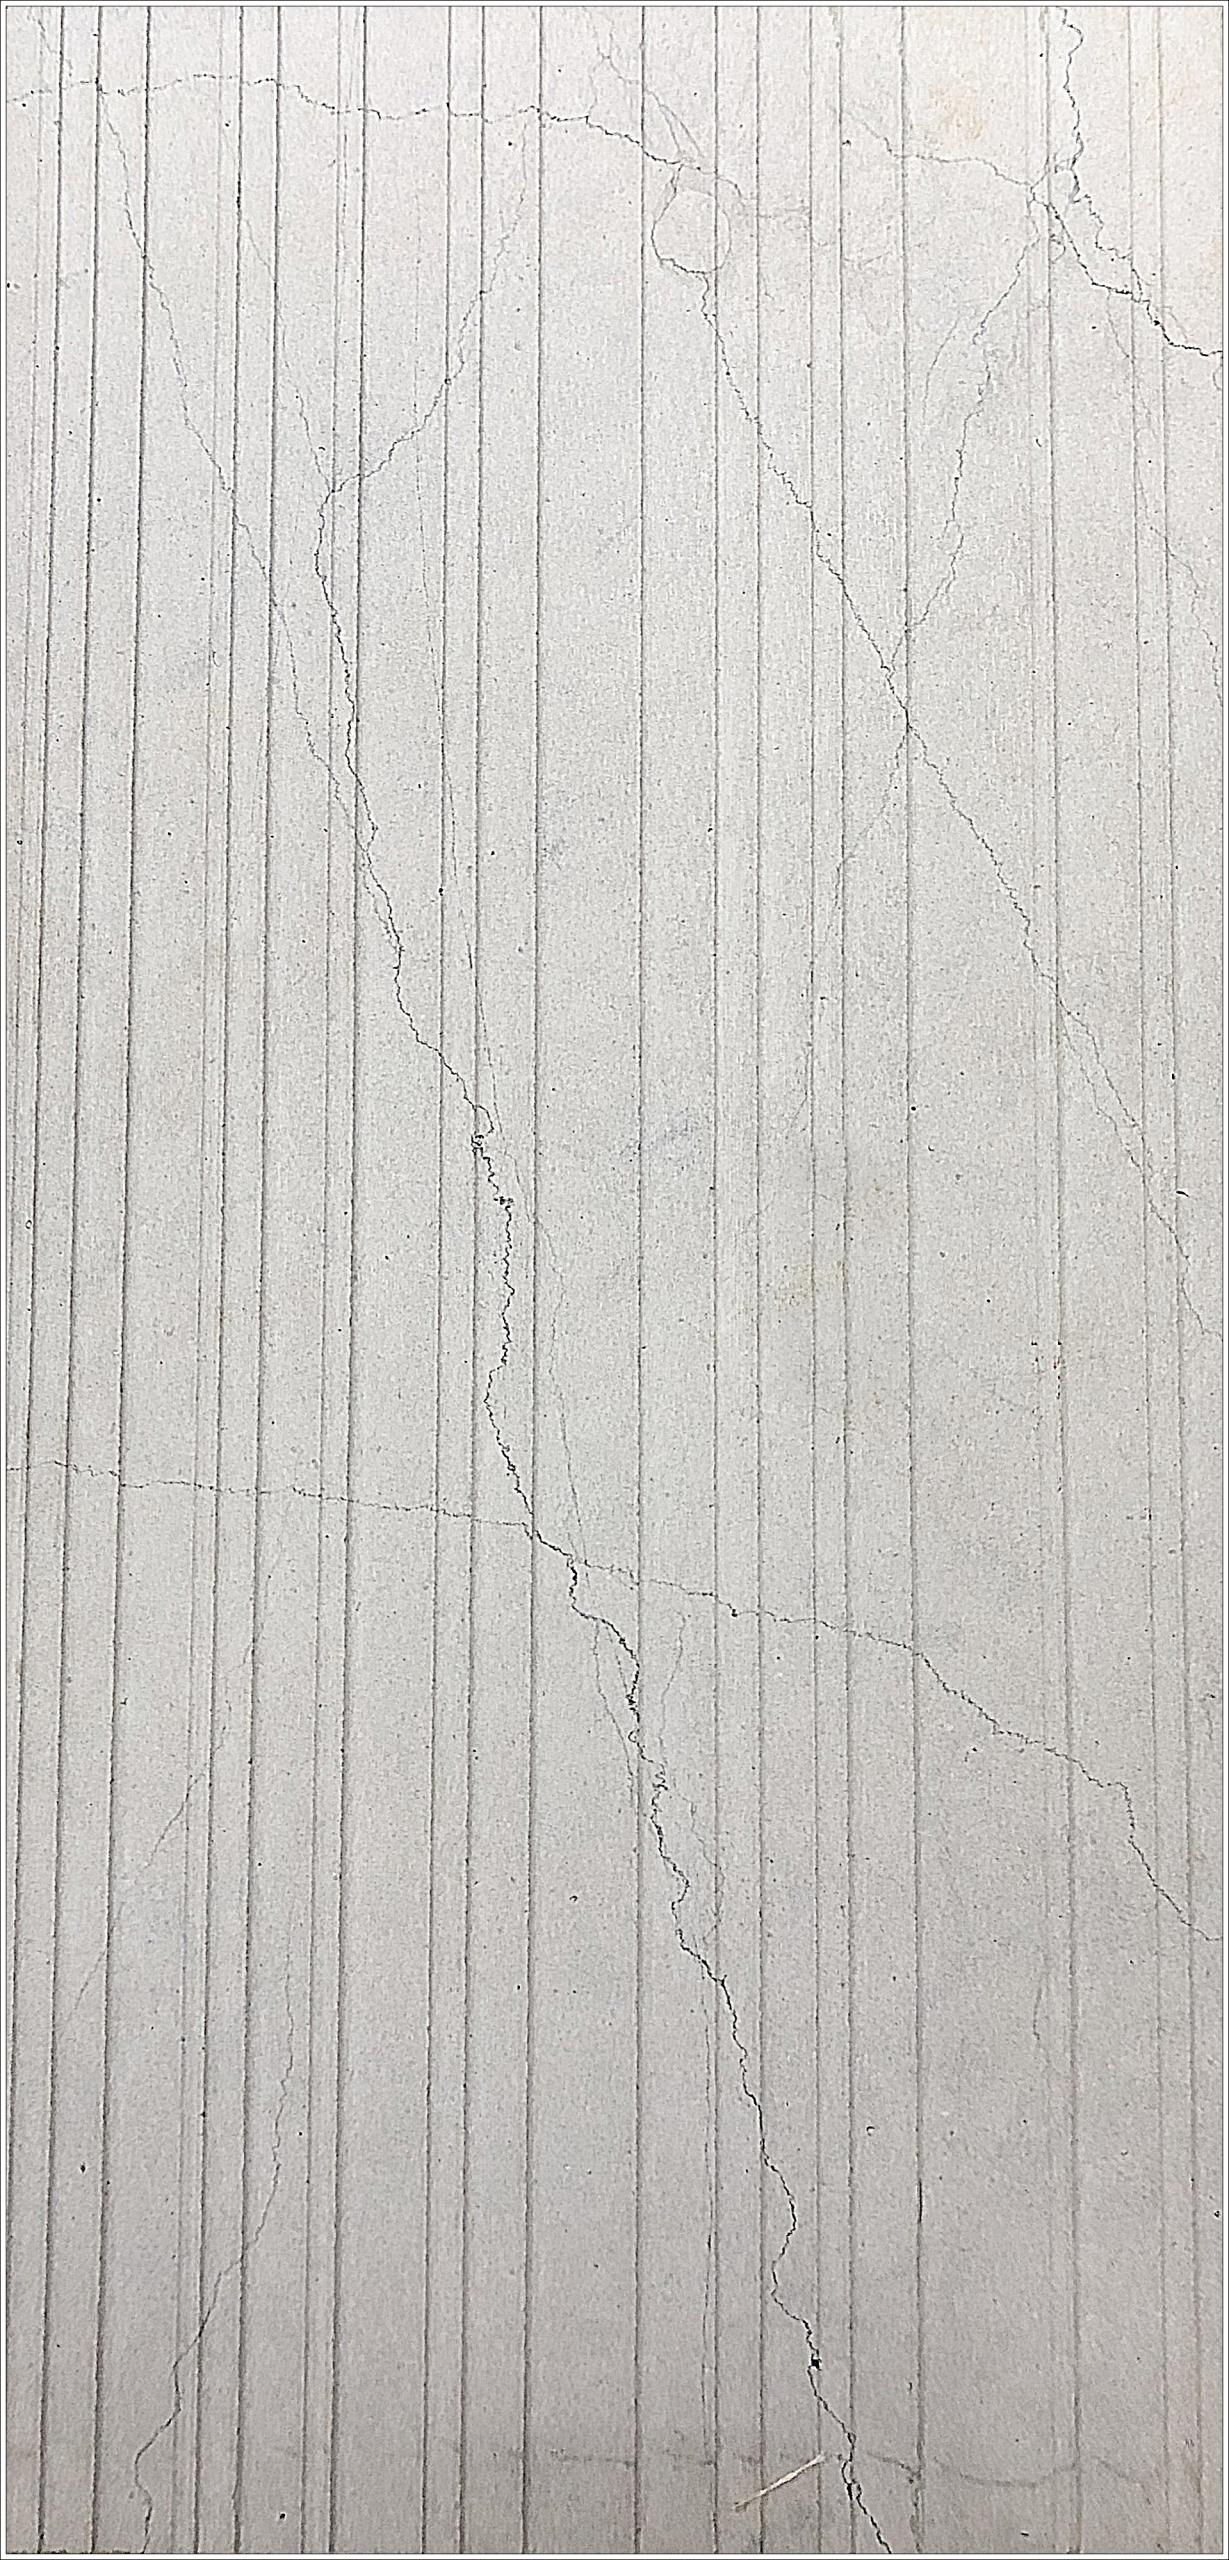 אבן אפורה לחיפוי קיר מודרני בעיבוד מיוחד